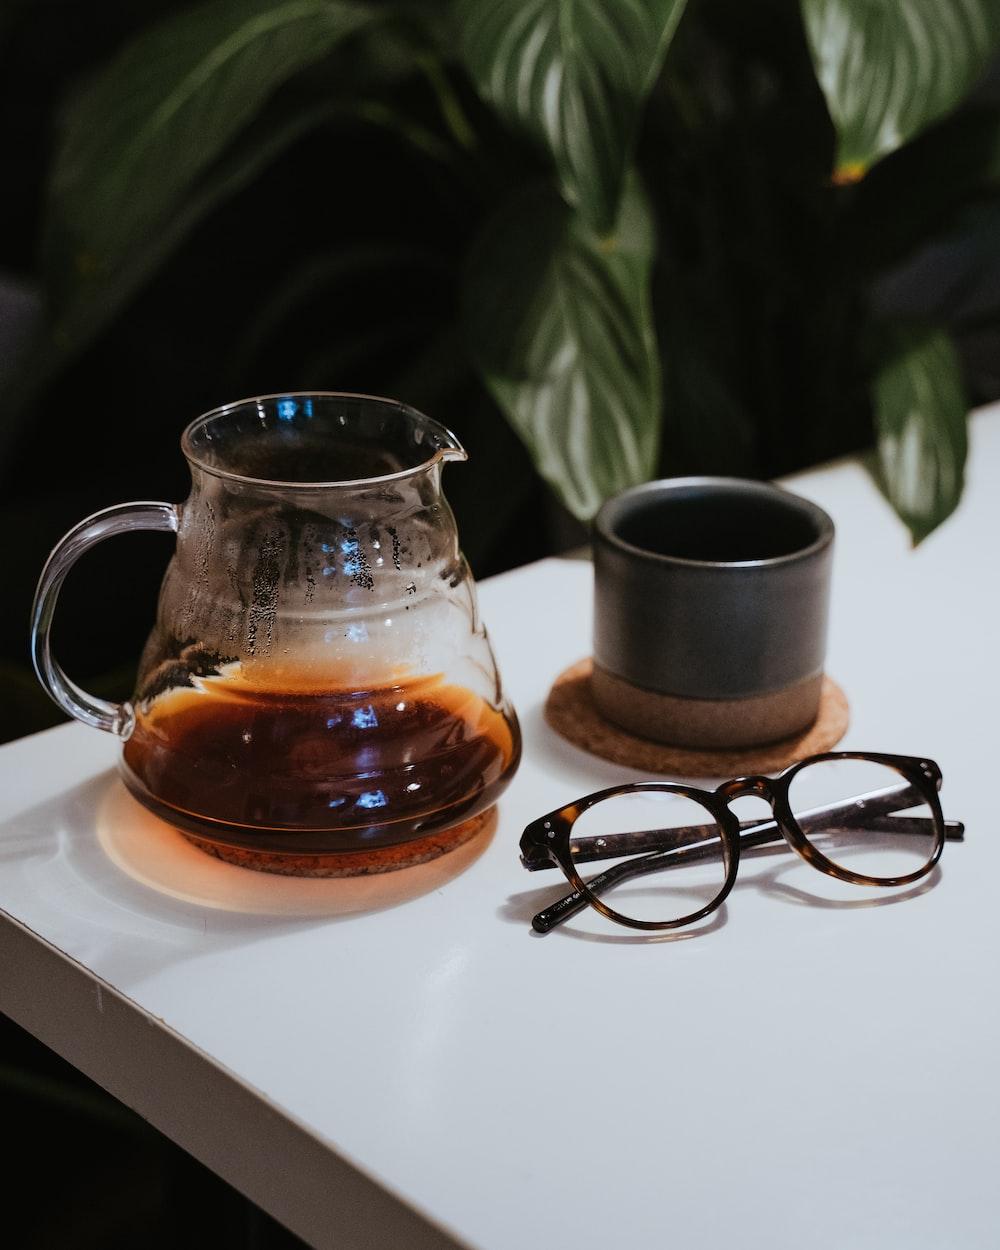 black framed eyeglasses beside clear glass mug on white table